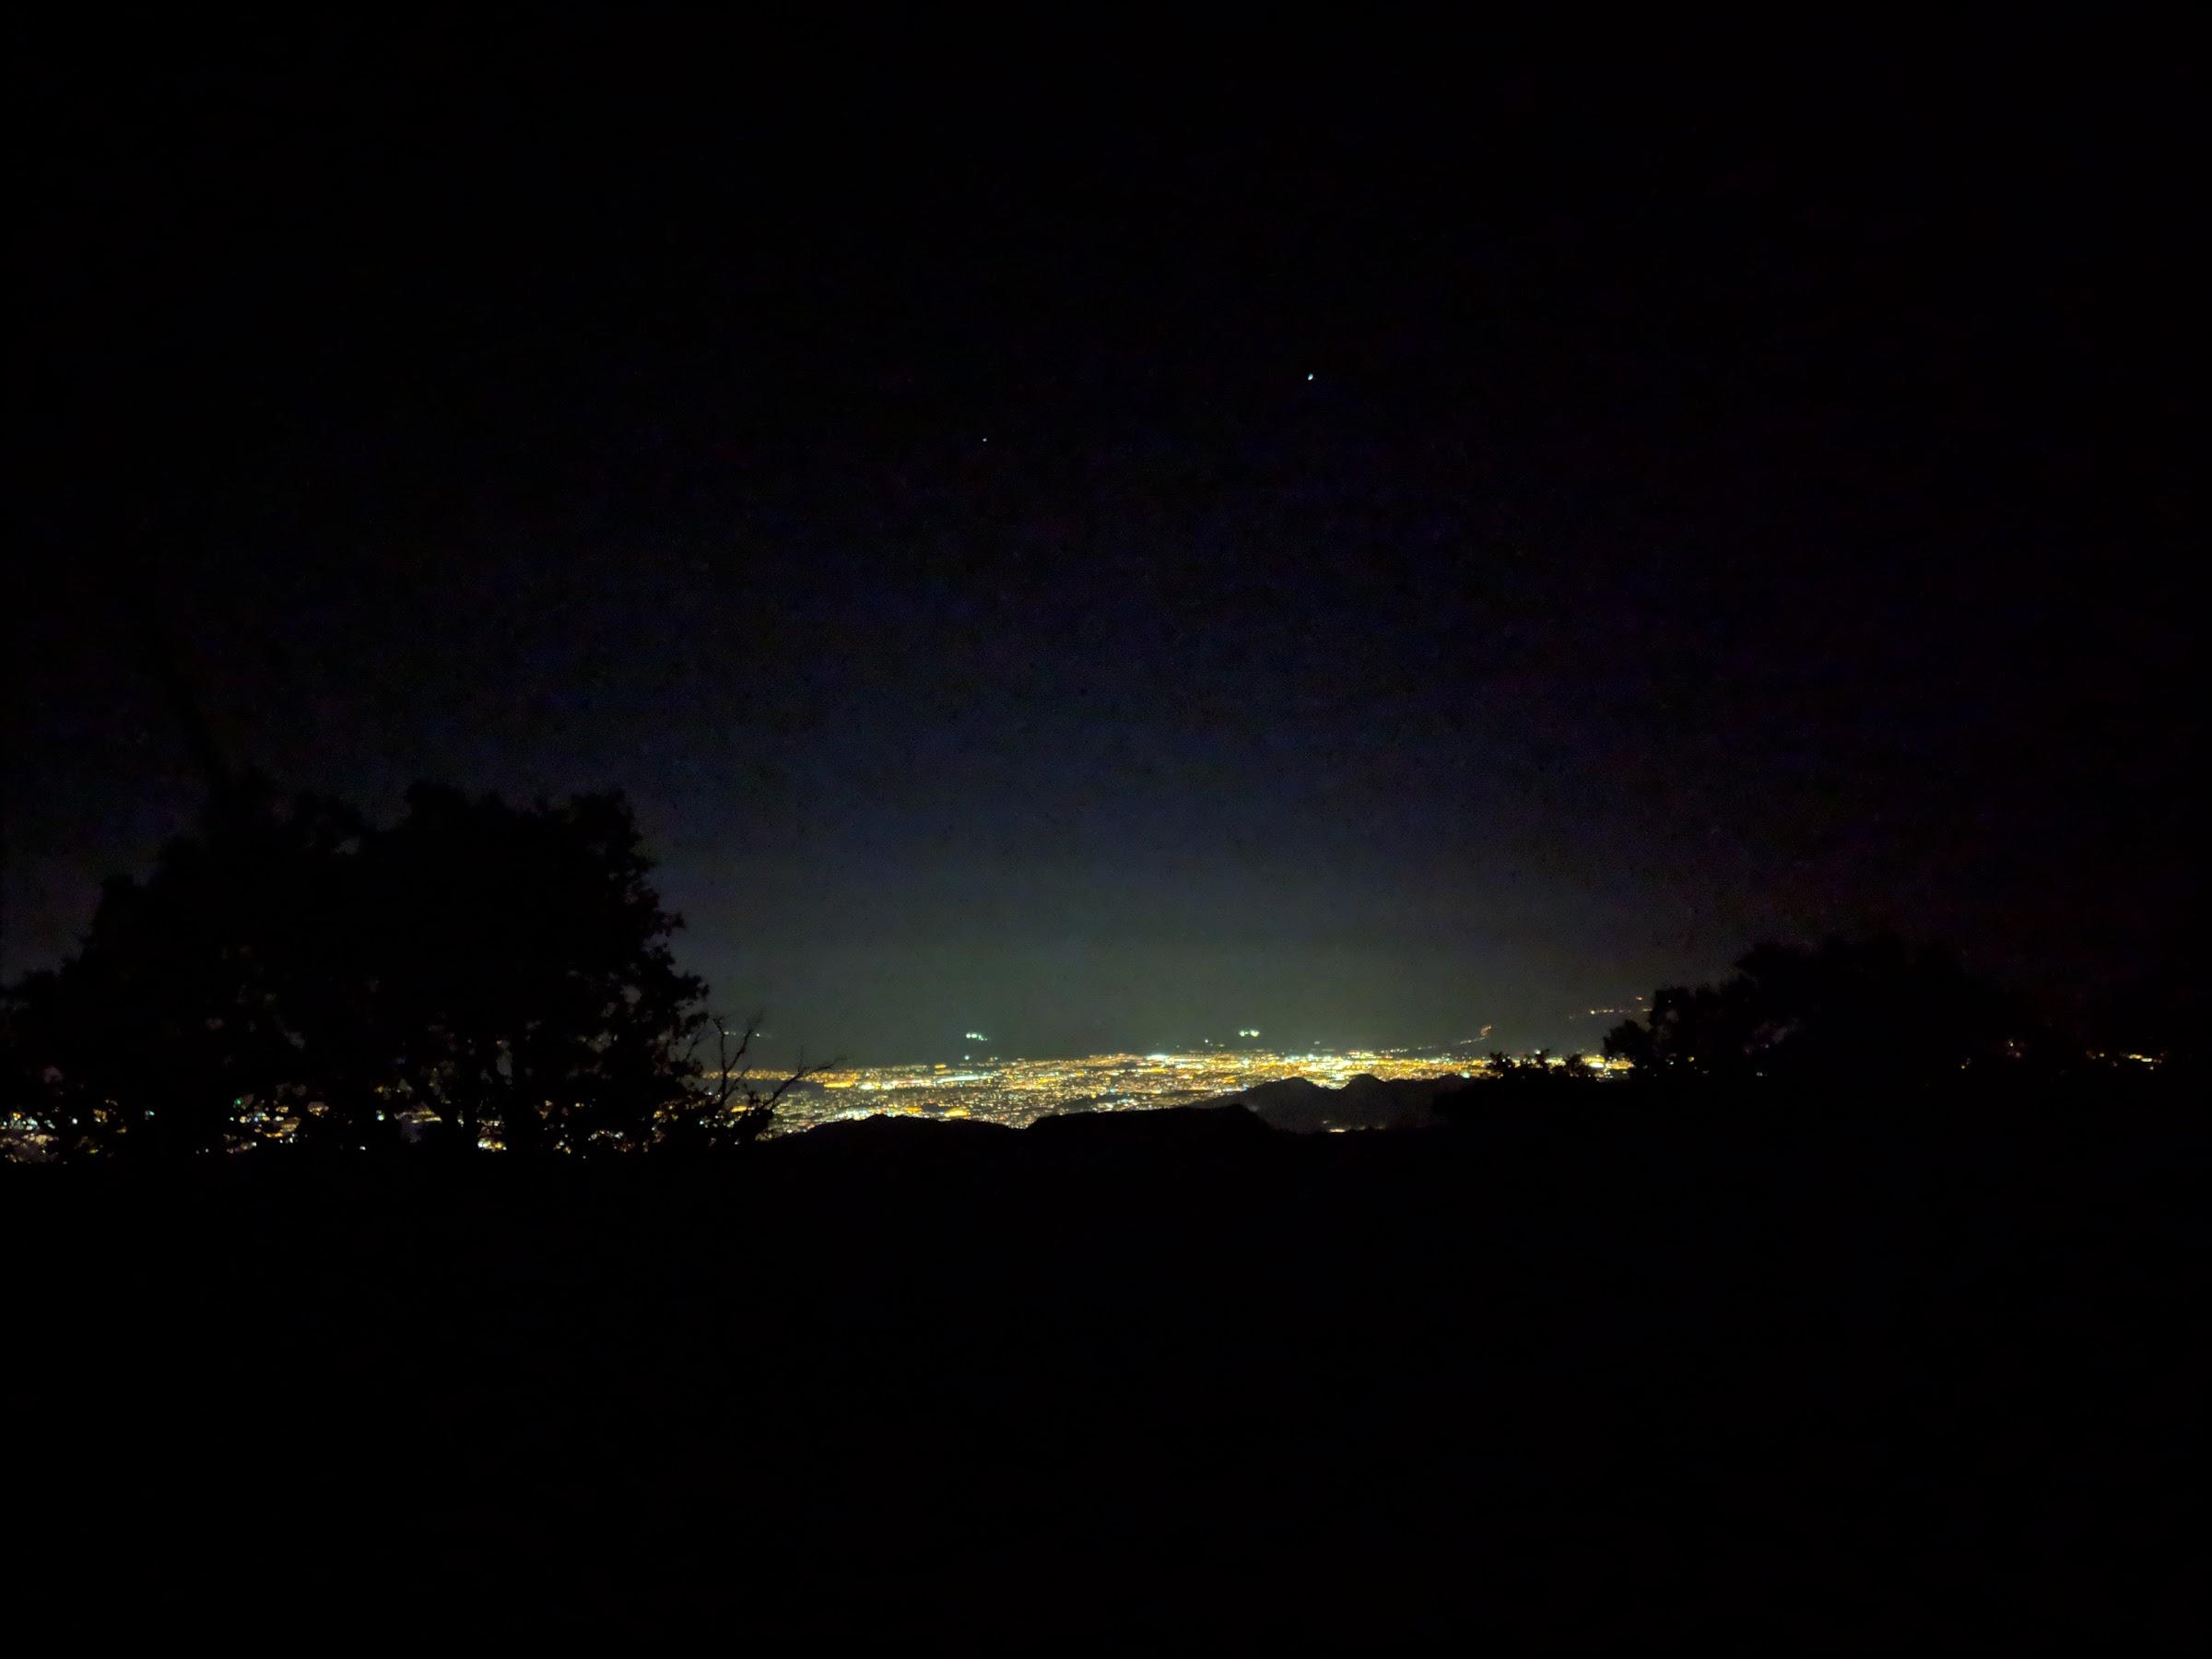 Superbe vue de la ville de l'autre côté • Stunning view of the city on the other side